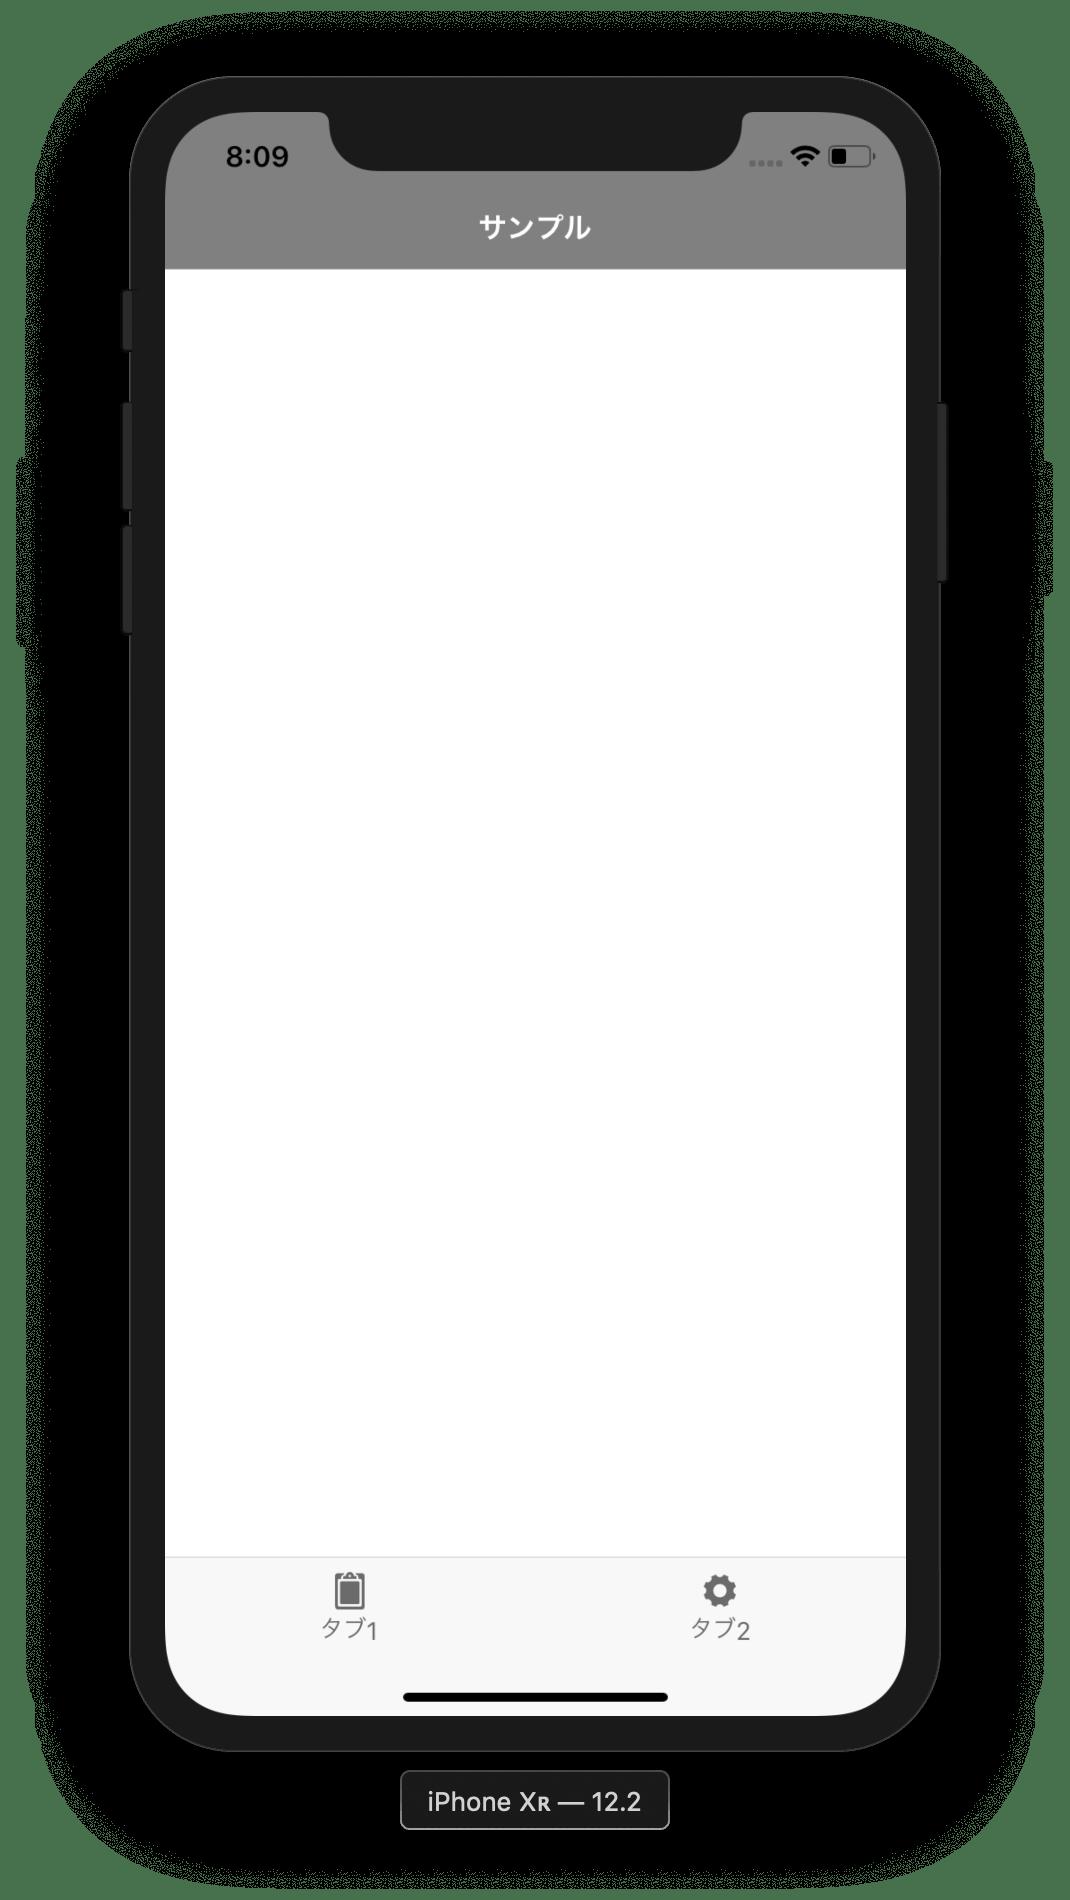 スクリーンショット 2019-05-27 8.09.19.png (511.8 kB)